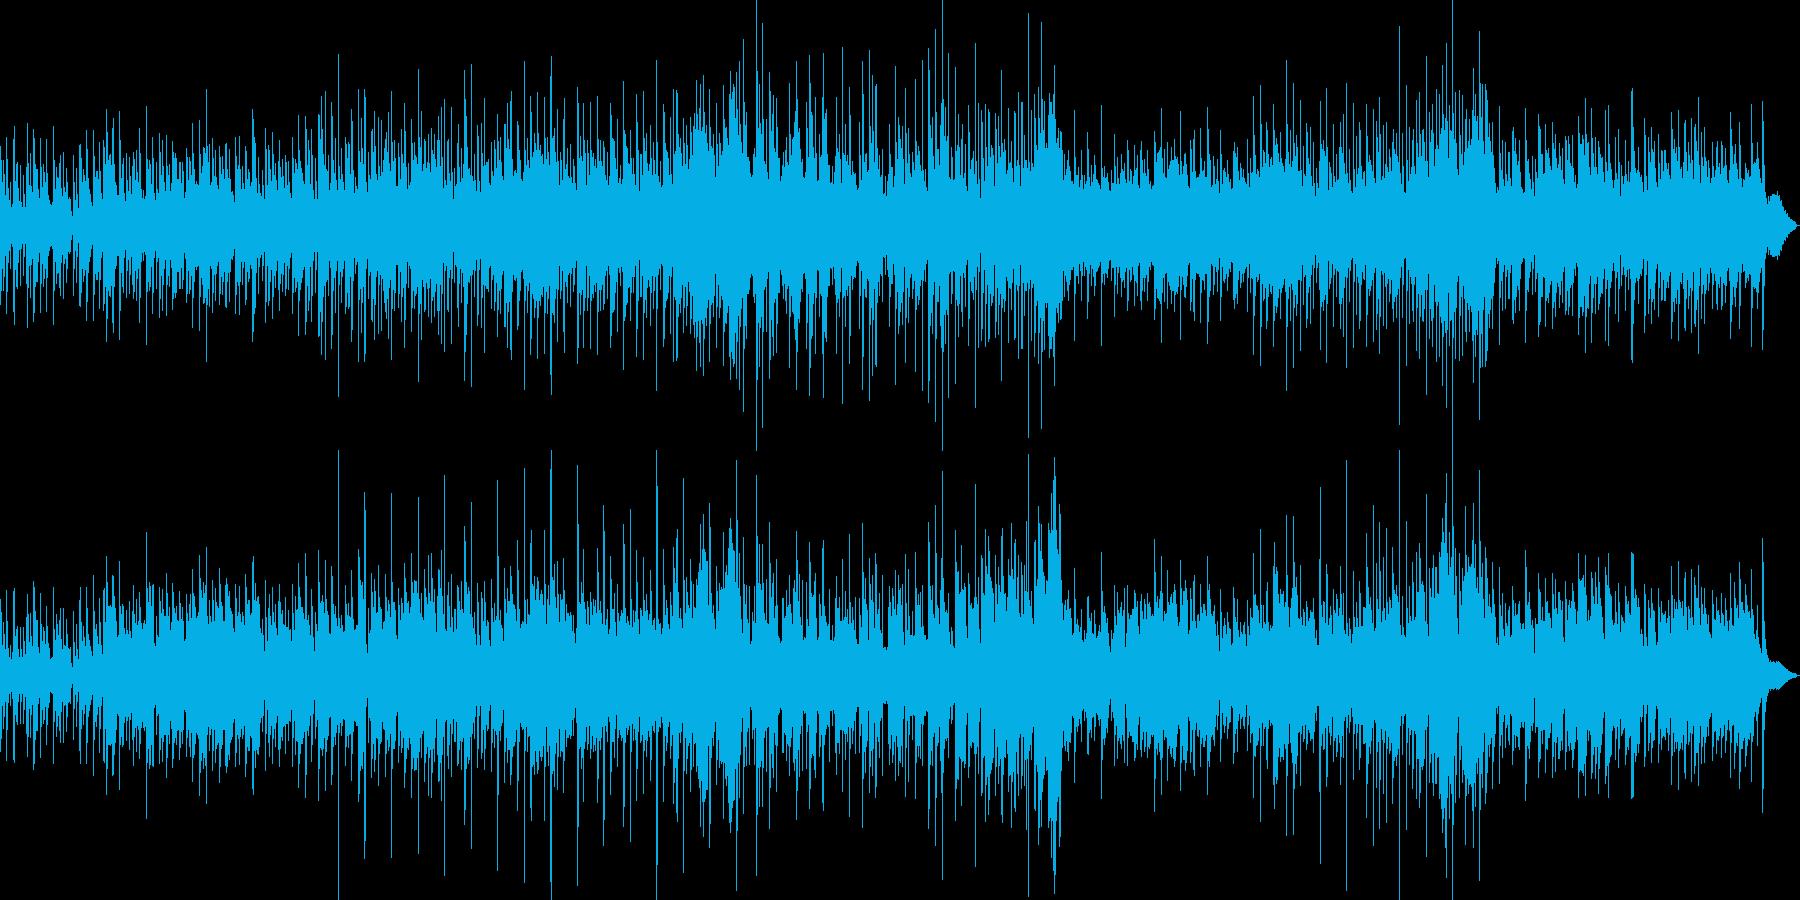 夕焼けが似合うアコギサウンドの再生済みの波形